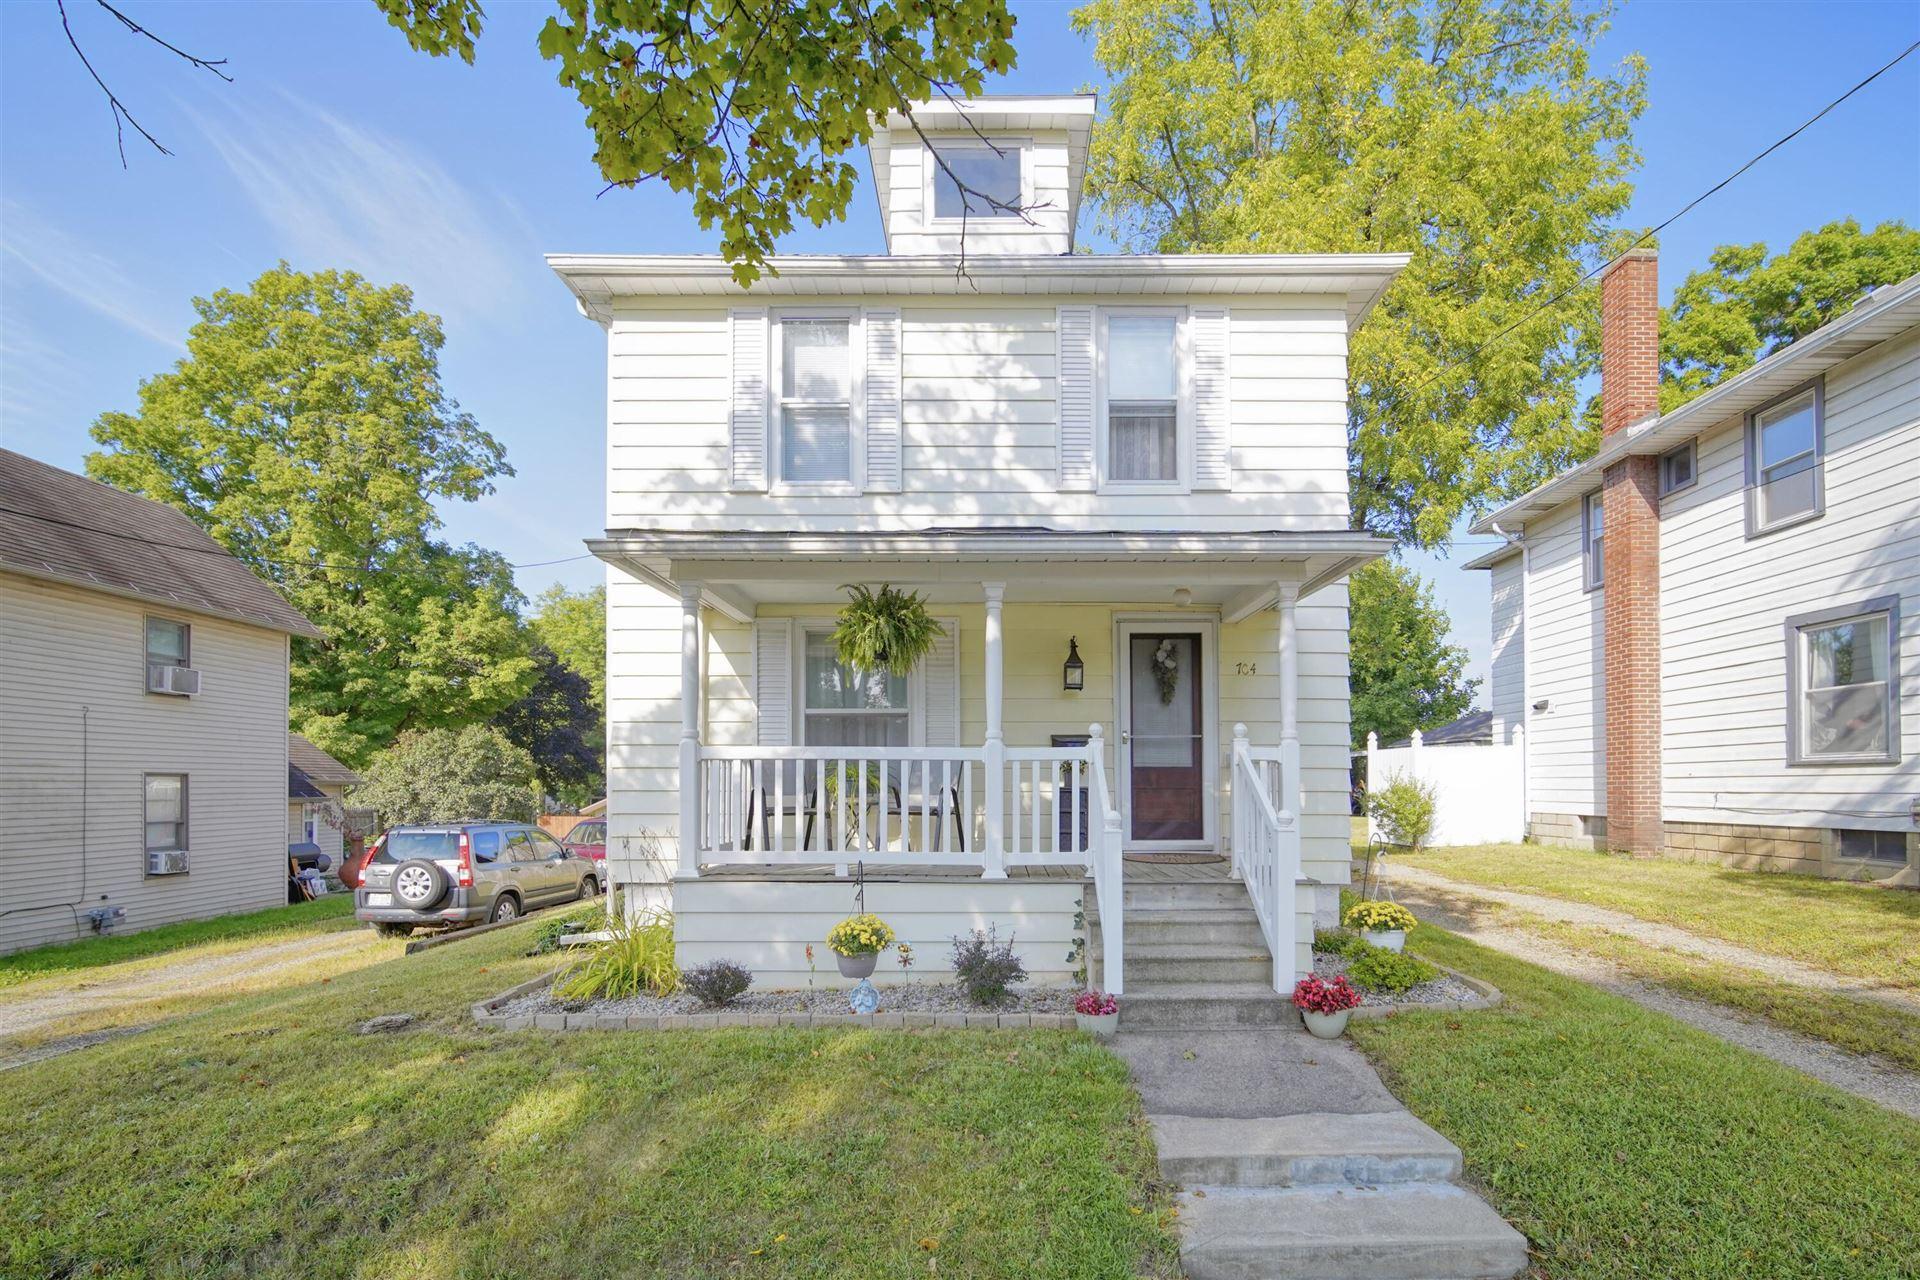 704 Loomis Street, Jackson, MI 49202 - MLS#: 21106727